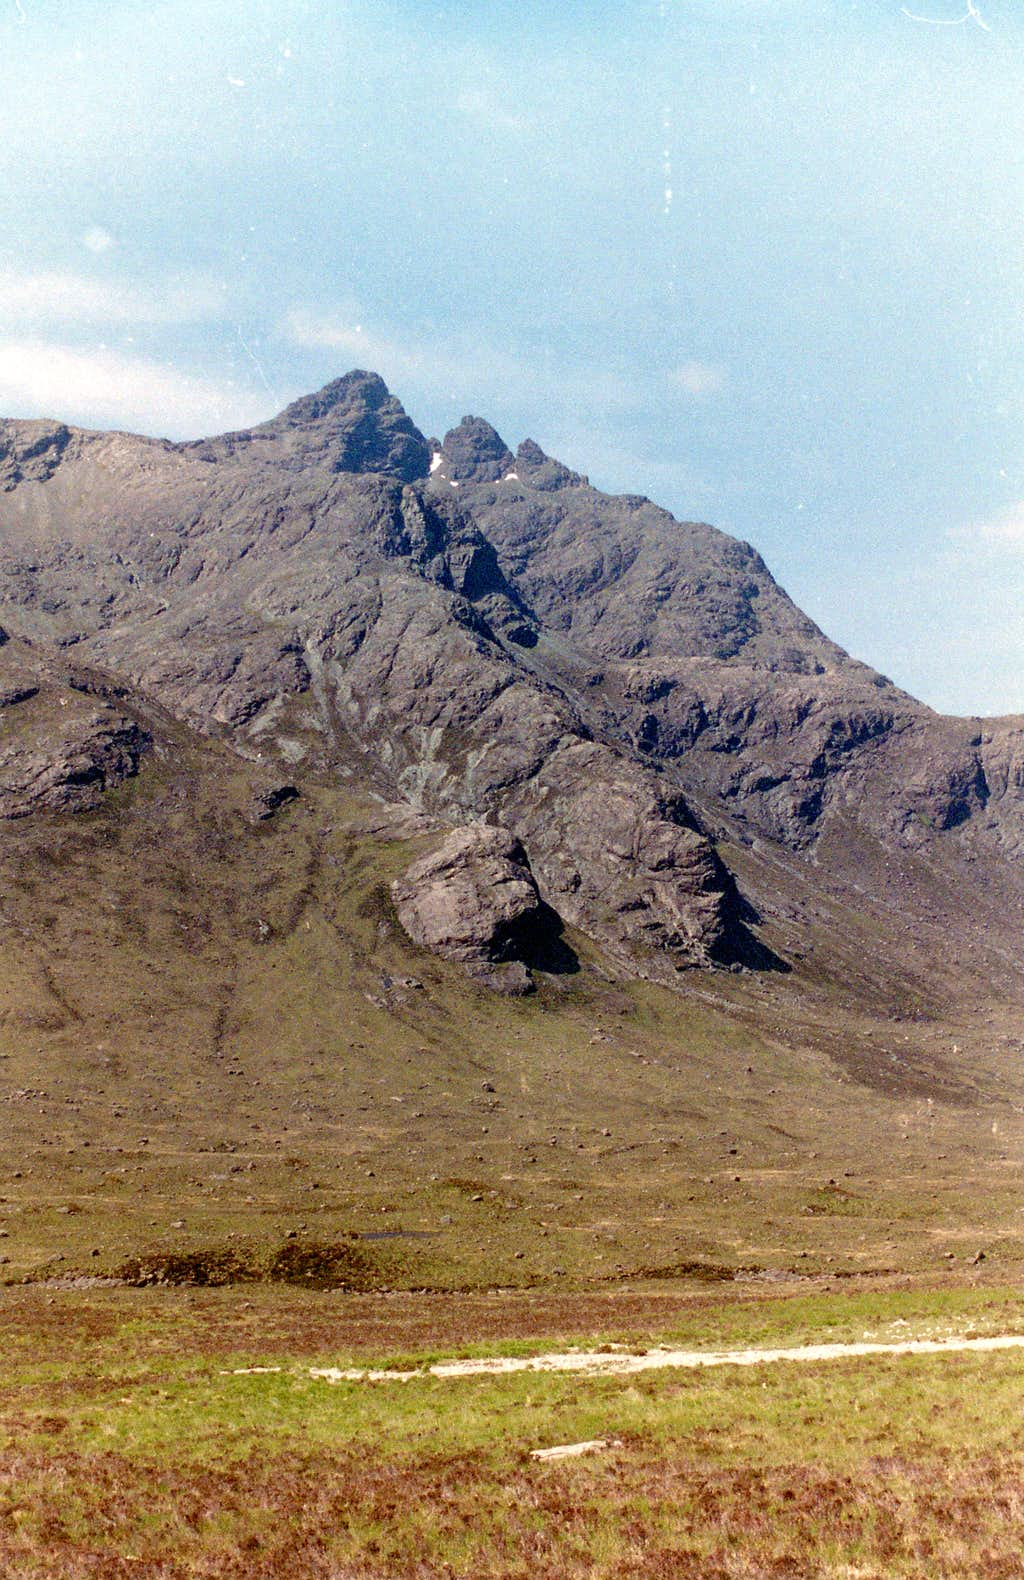 Sgurr nan Gillean & Pinnacle Ridge